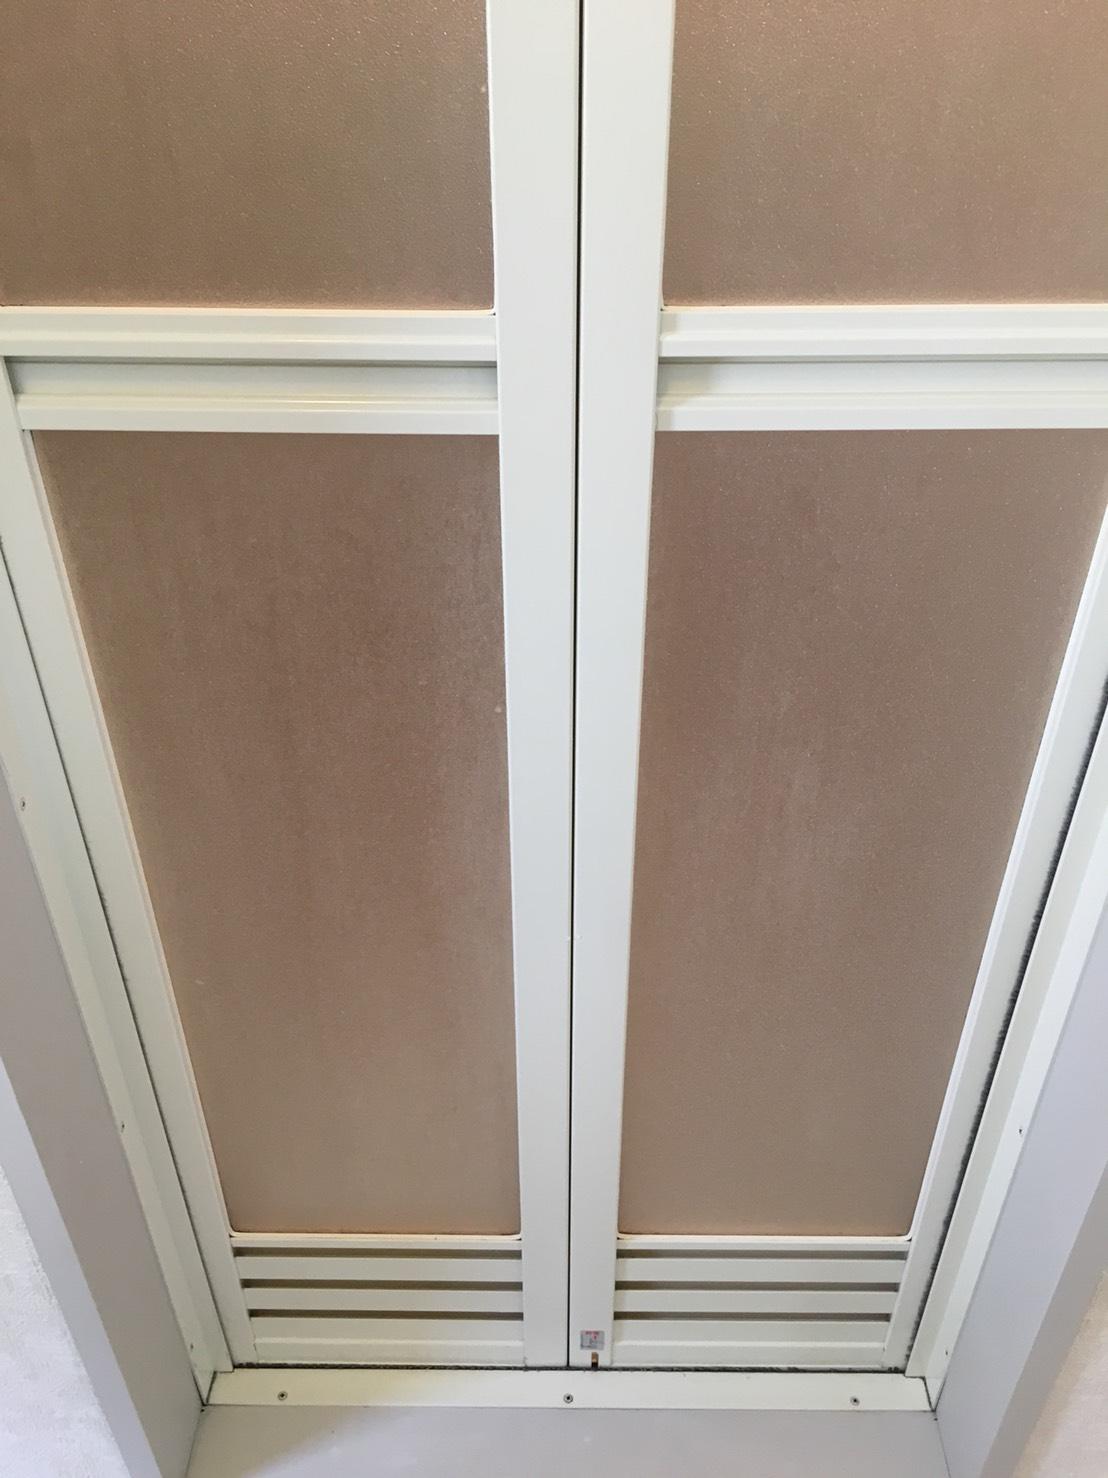 6月梅雨のカビ対策!お風呂(浴室)ドアの汚れの洗浄~ カビとり・ハウスクリーニングはおそうじプラスにおまかせください!